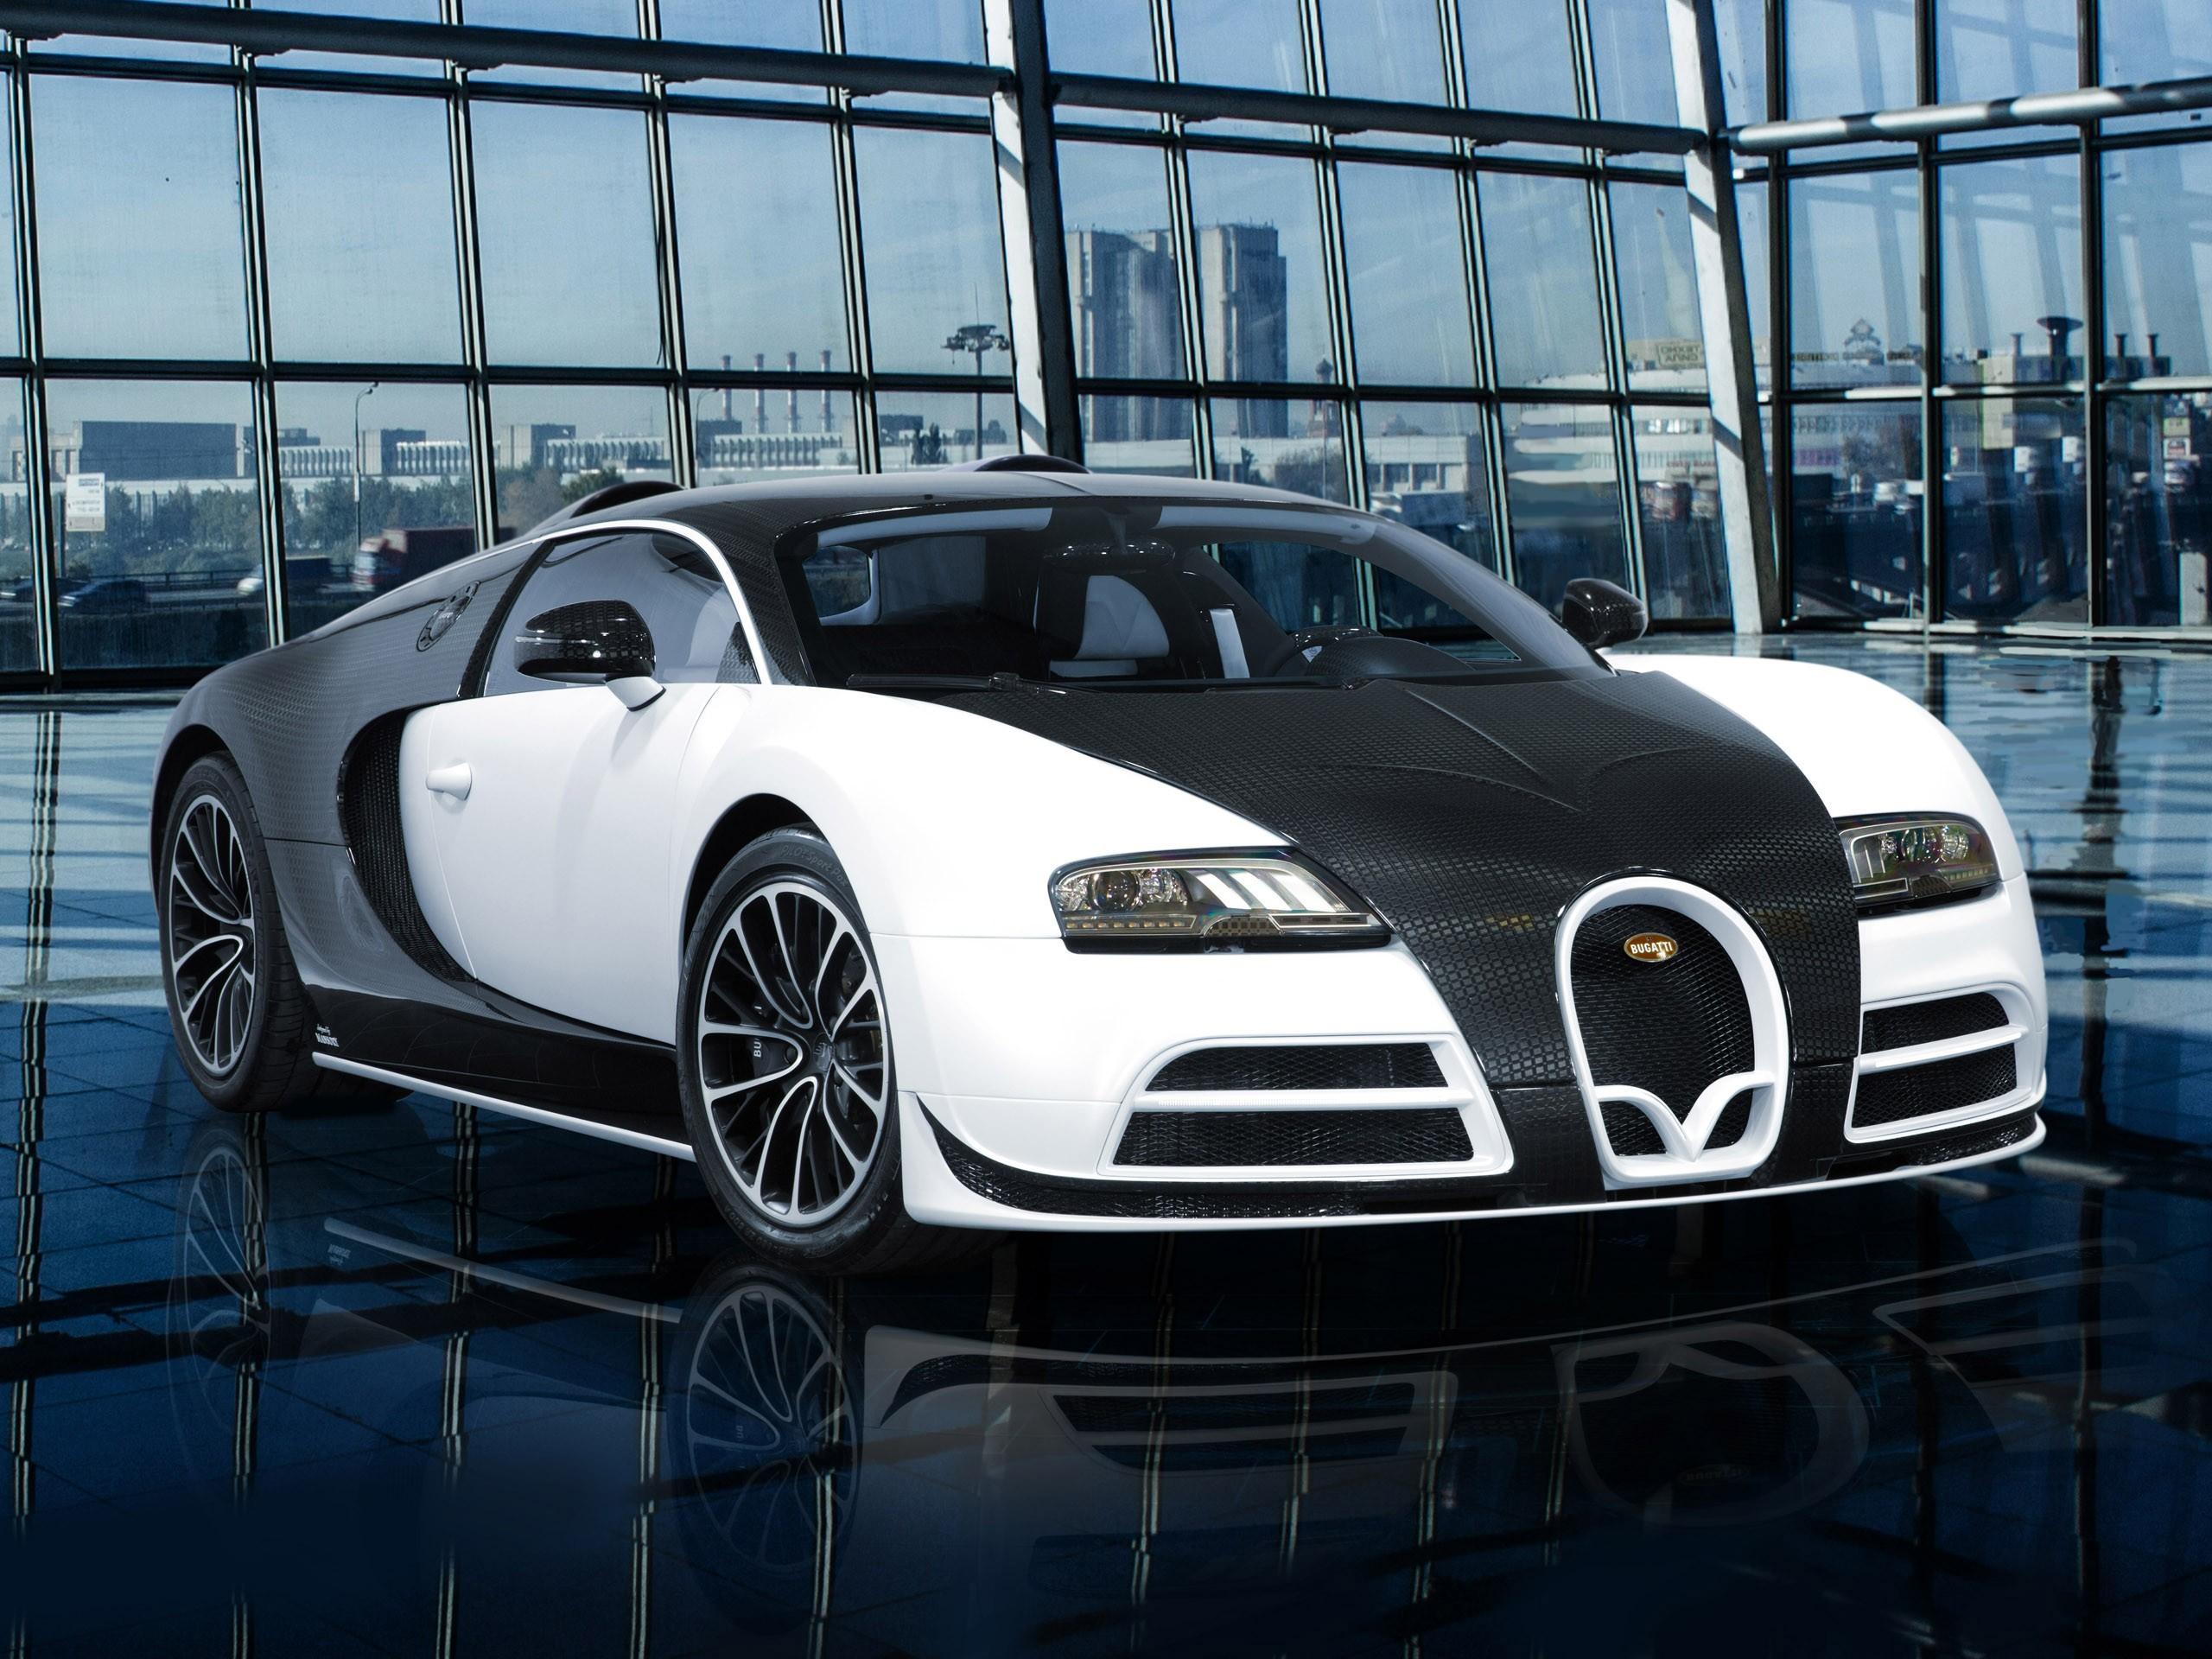 2014 Mansory - Bugatti Veyron Vivere